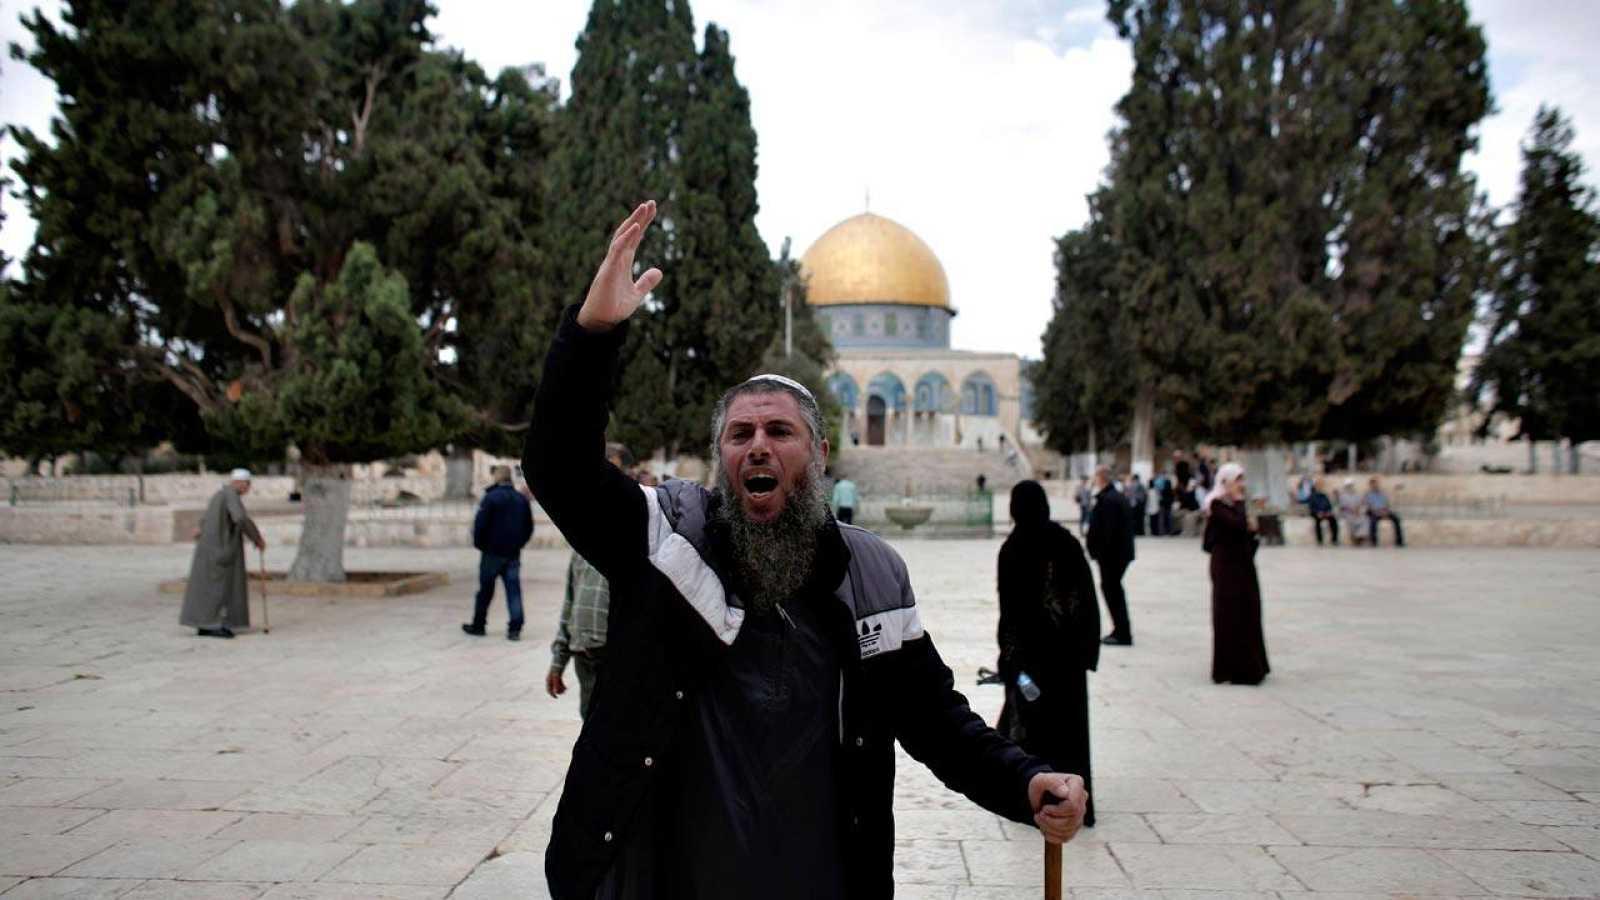 Un palestino gesticula en la Explanada de las Mezquitas de Jerusalén